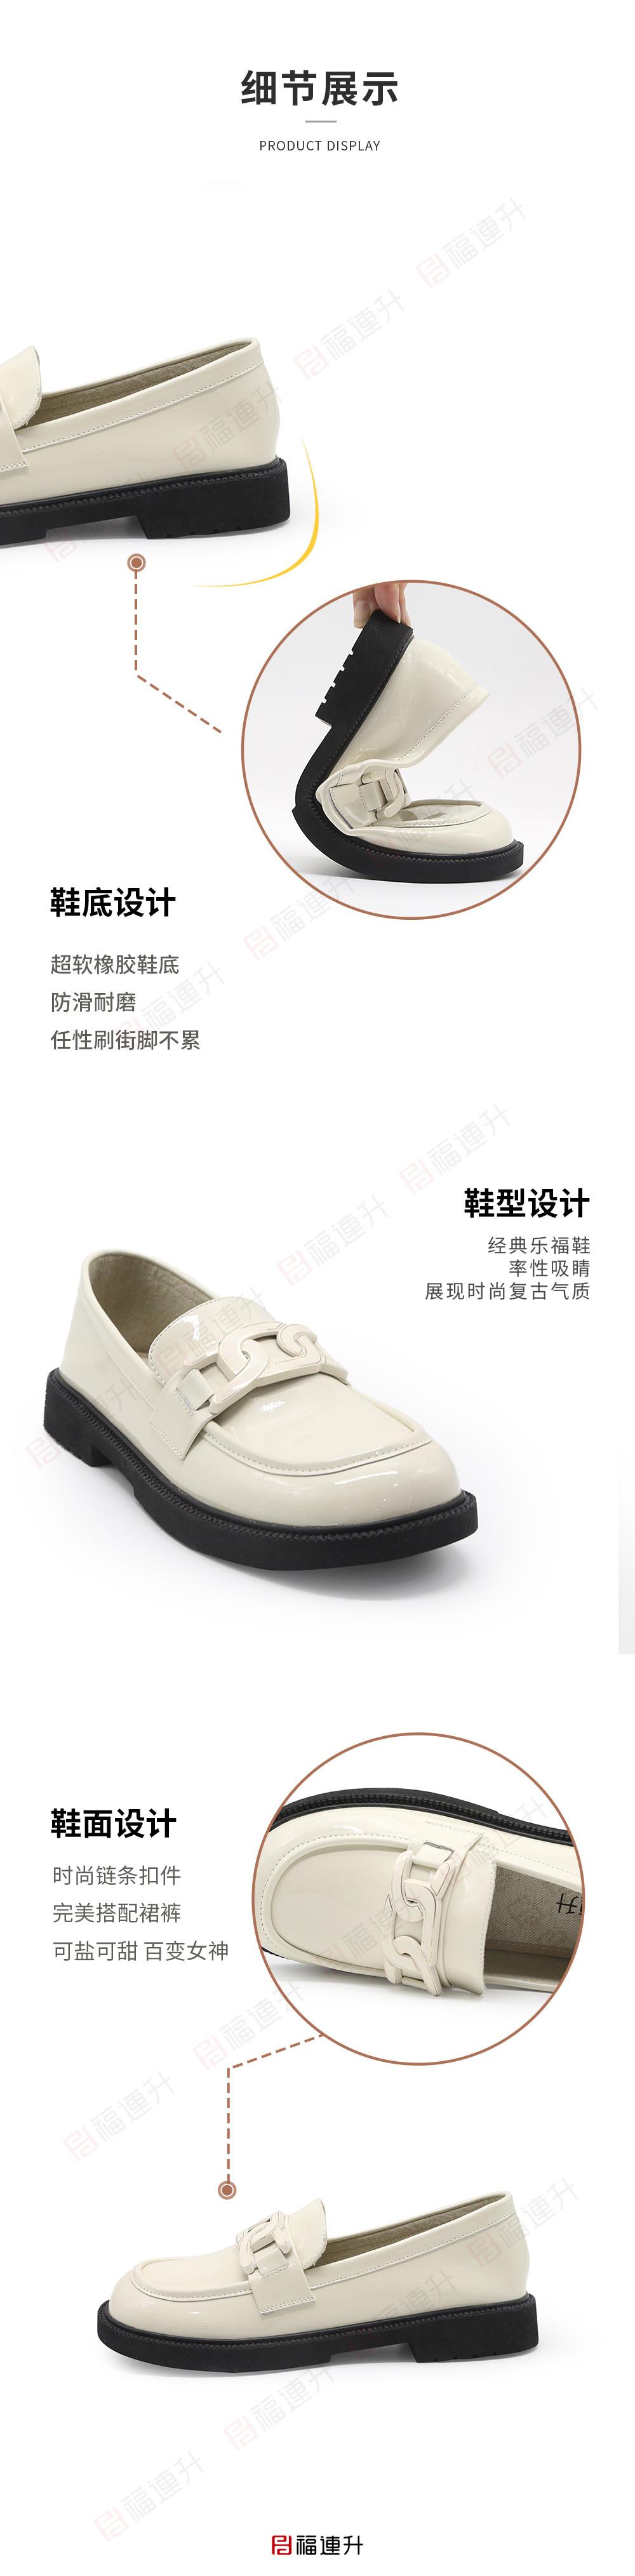 福连升休闲鞋女鞋春秋乐福小皮鞋漆皮亮面低跟女鞋图片